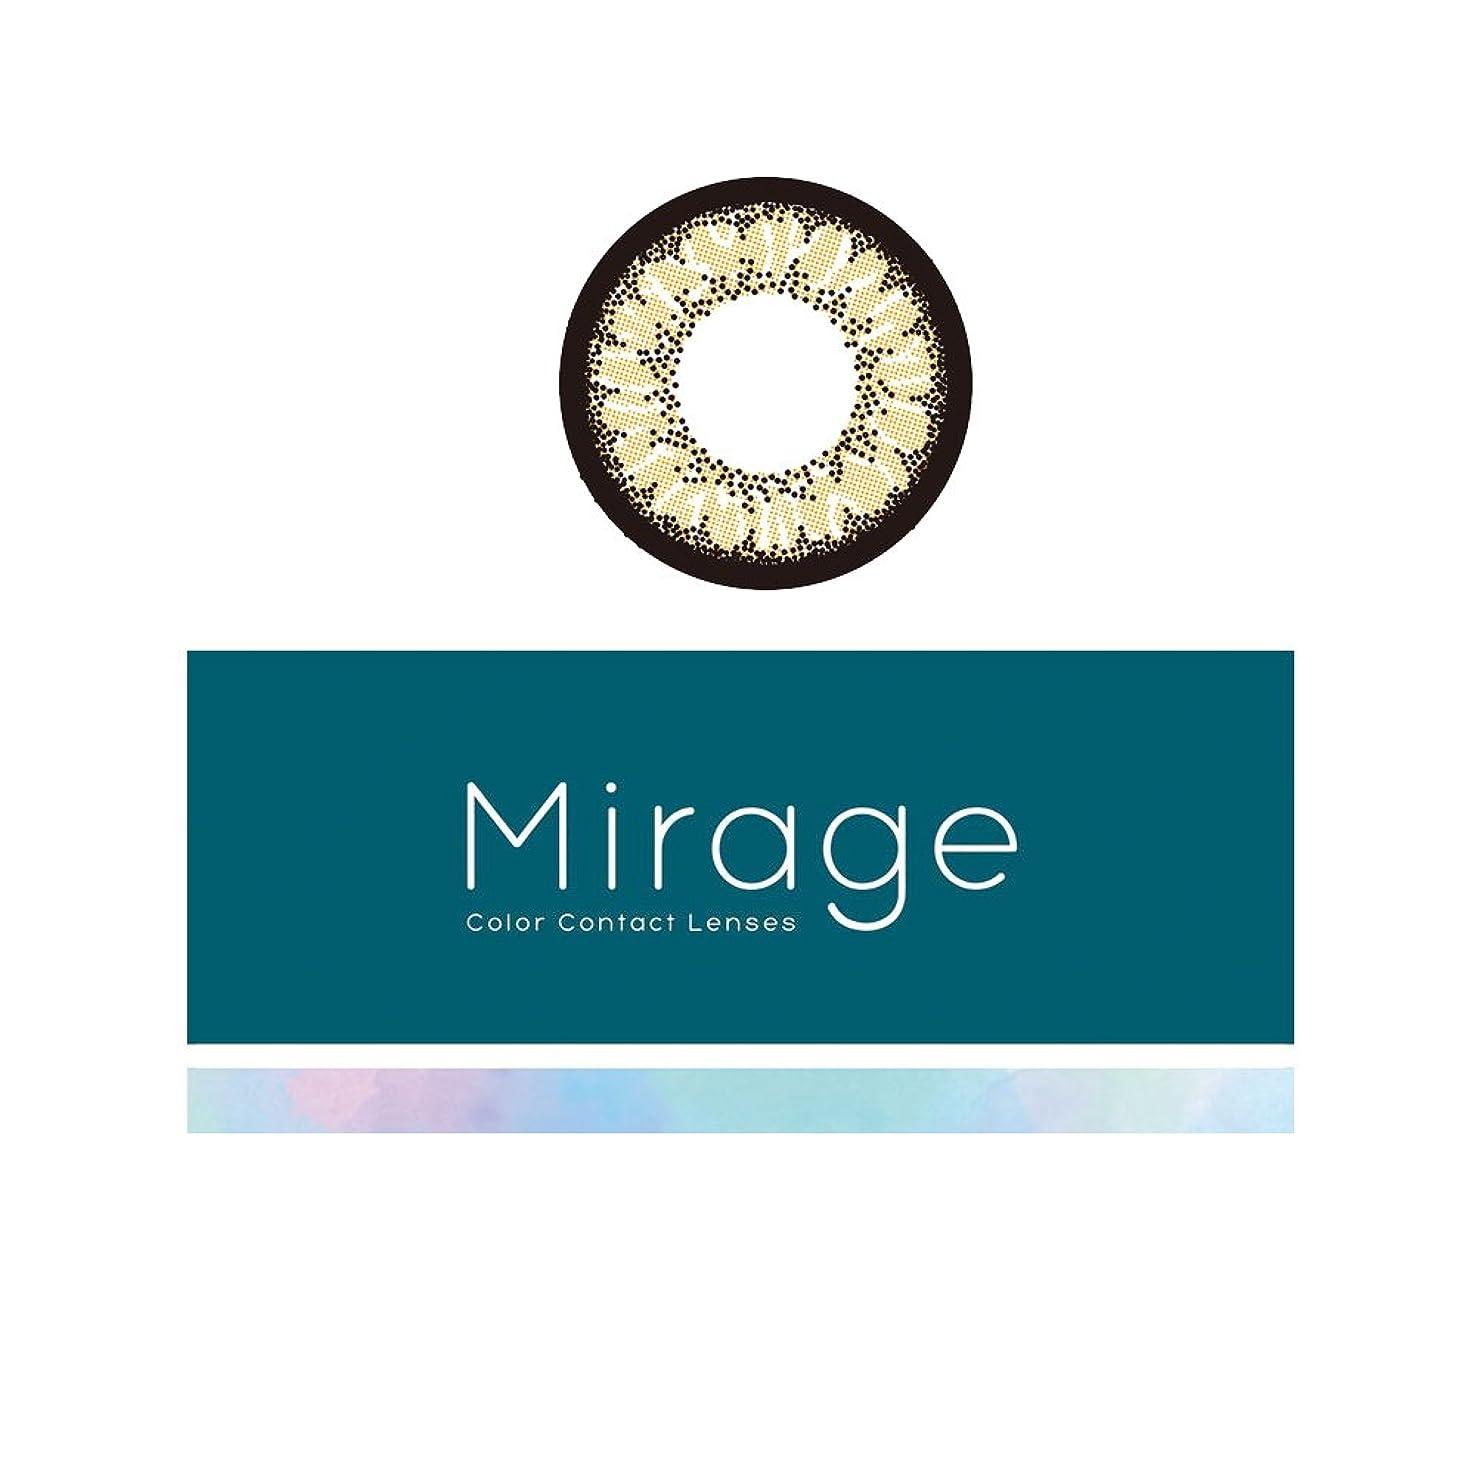 おっと効能あるおもしろいミラージュ Mirage 1month 03 Dazzy Brown 14.5mm 1枚入 2箱セット (PWR) -2.50